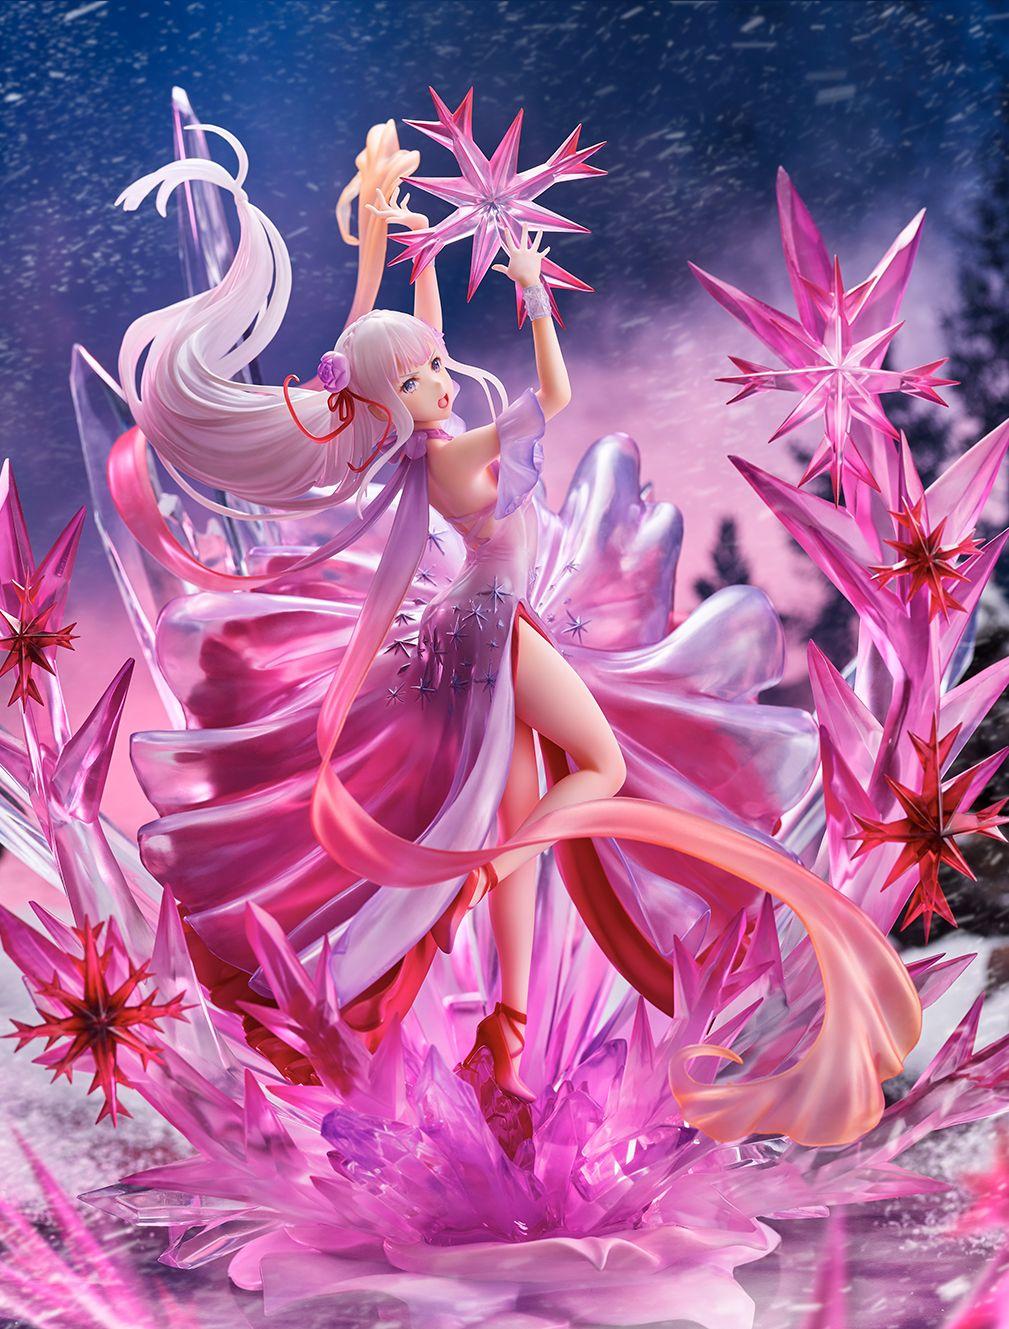 【限定販売】Re:ゼロから始める異世界生活『氷結のエミリア -Crystal Dress Ver-』 1/7 完成品フィギュア-005